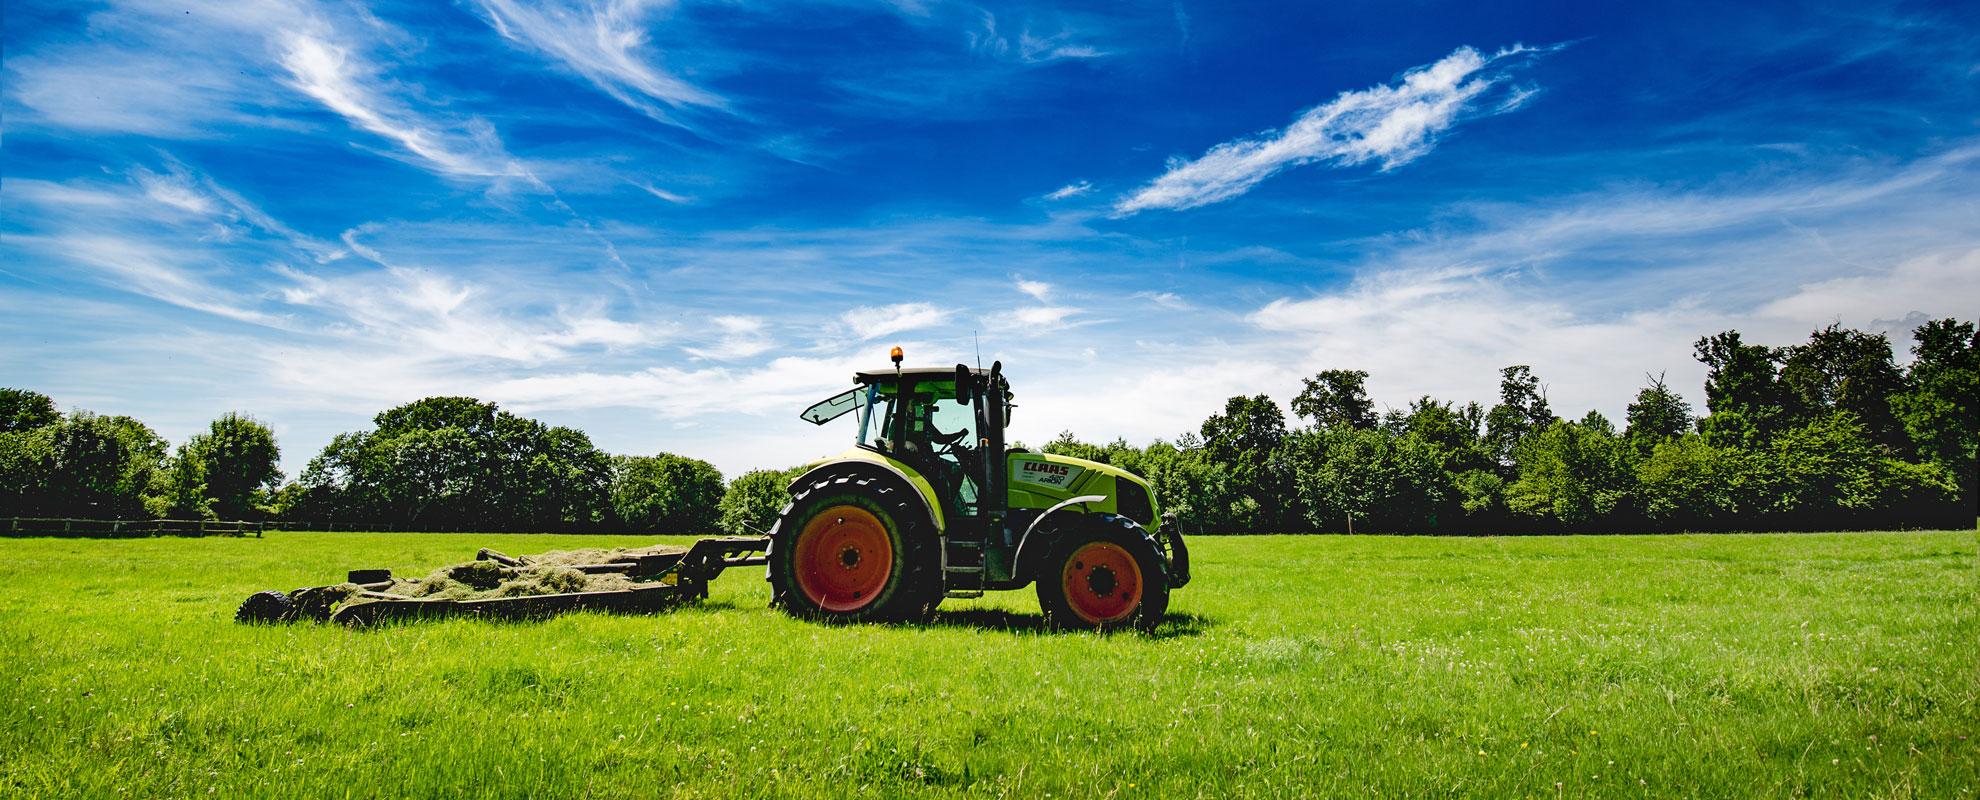 HDSP-Tractor Farm